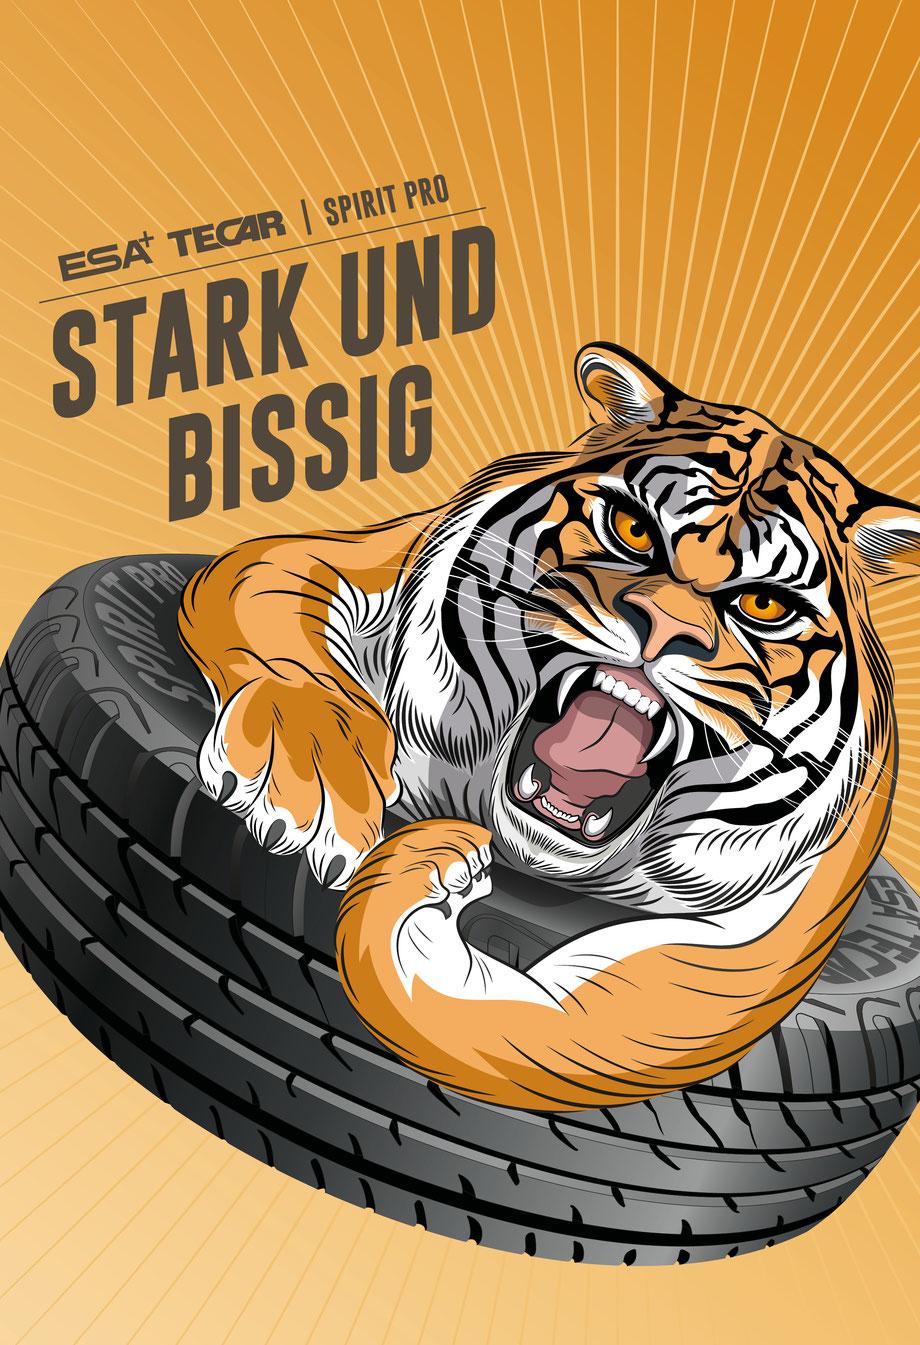 Insieme Region Bern: Postkarten Design | Illustration / Zeichnung koloriert hübsche Frau: Graphic Design by Lockedesign, Burgdorf bei Bern